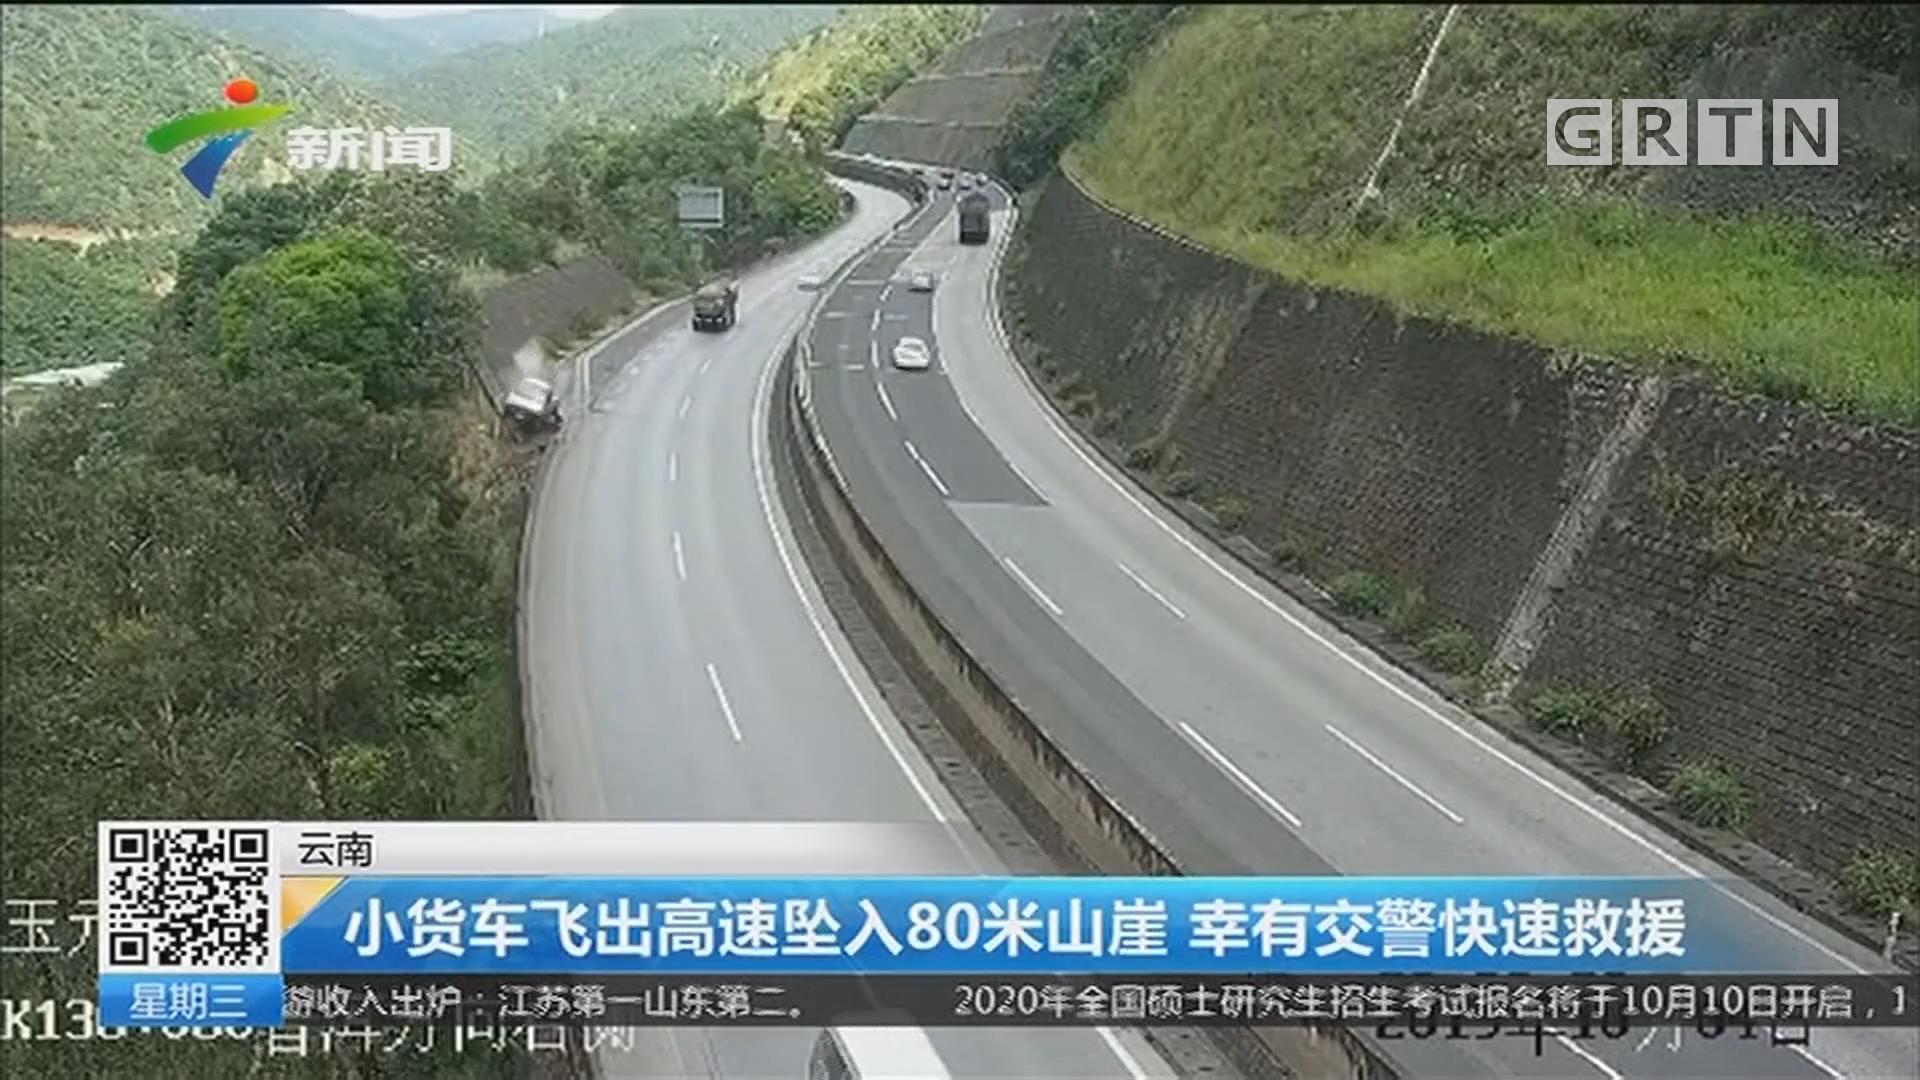 云南:小货车飞出高速坠入80米山崖 幸有交警快速救援